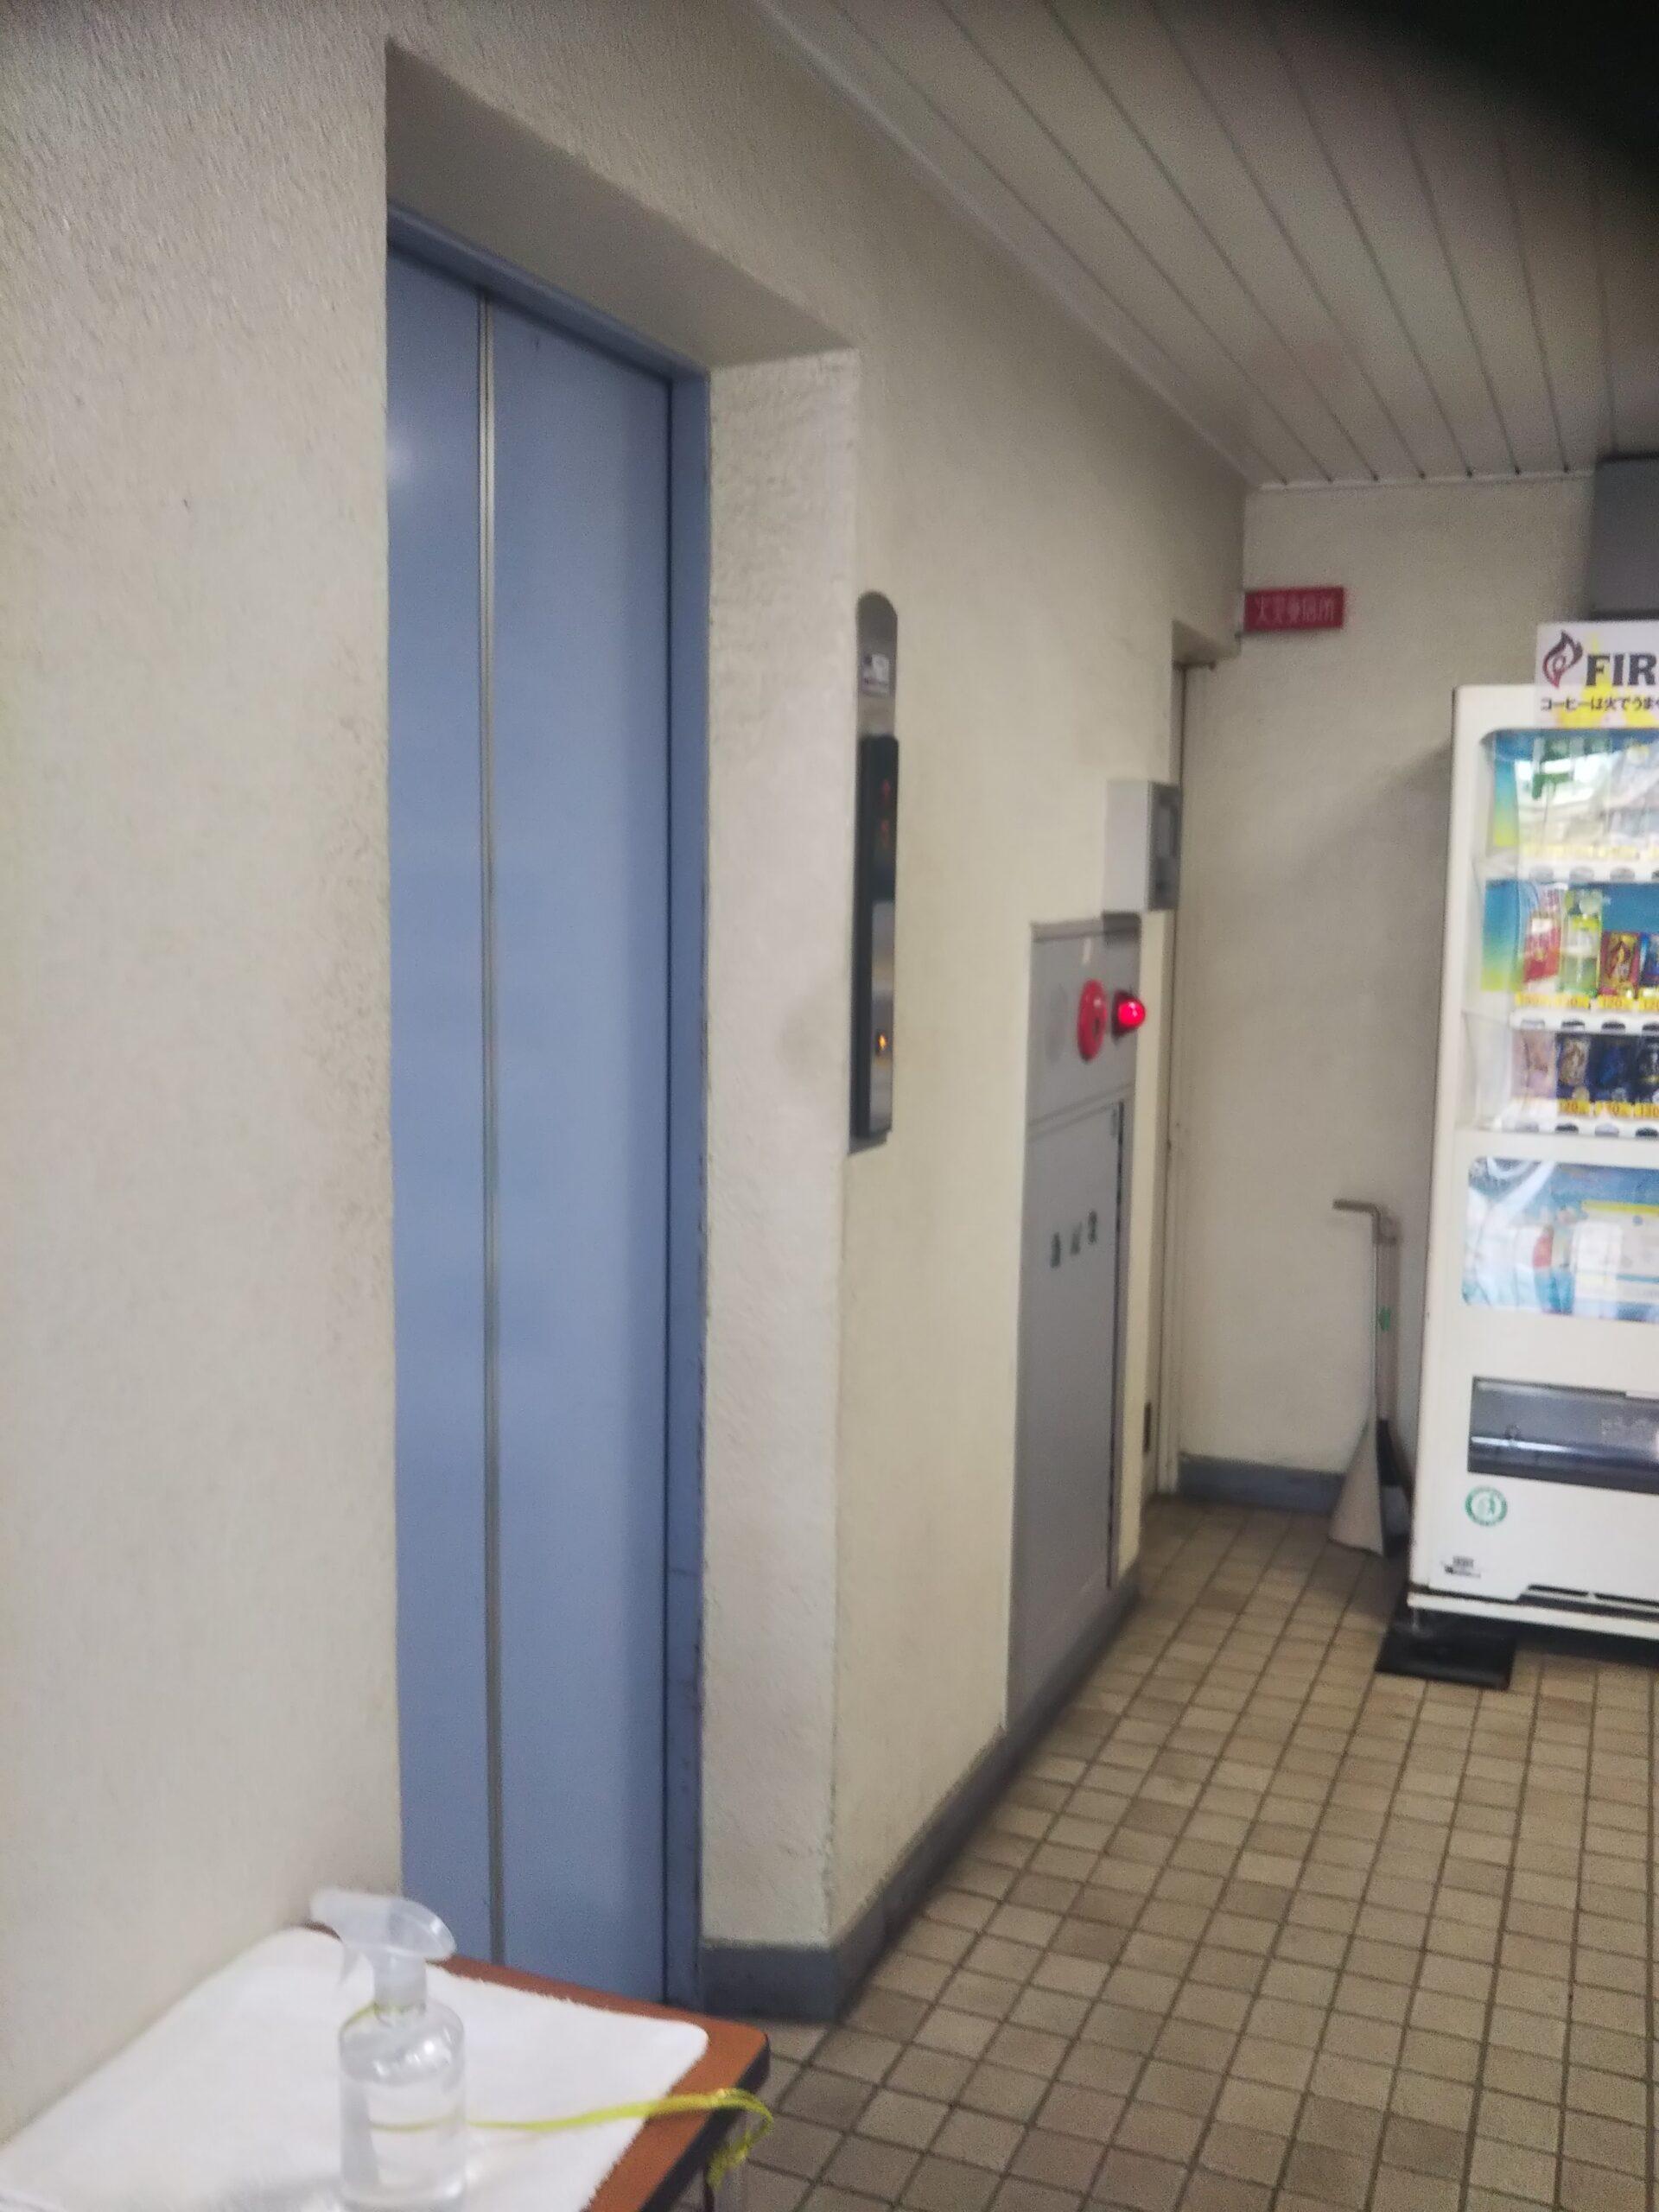 横浜囲碁センターのエレベーター